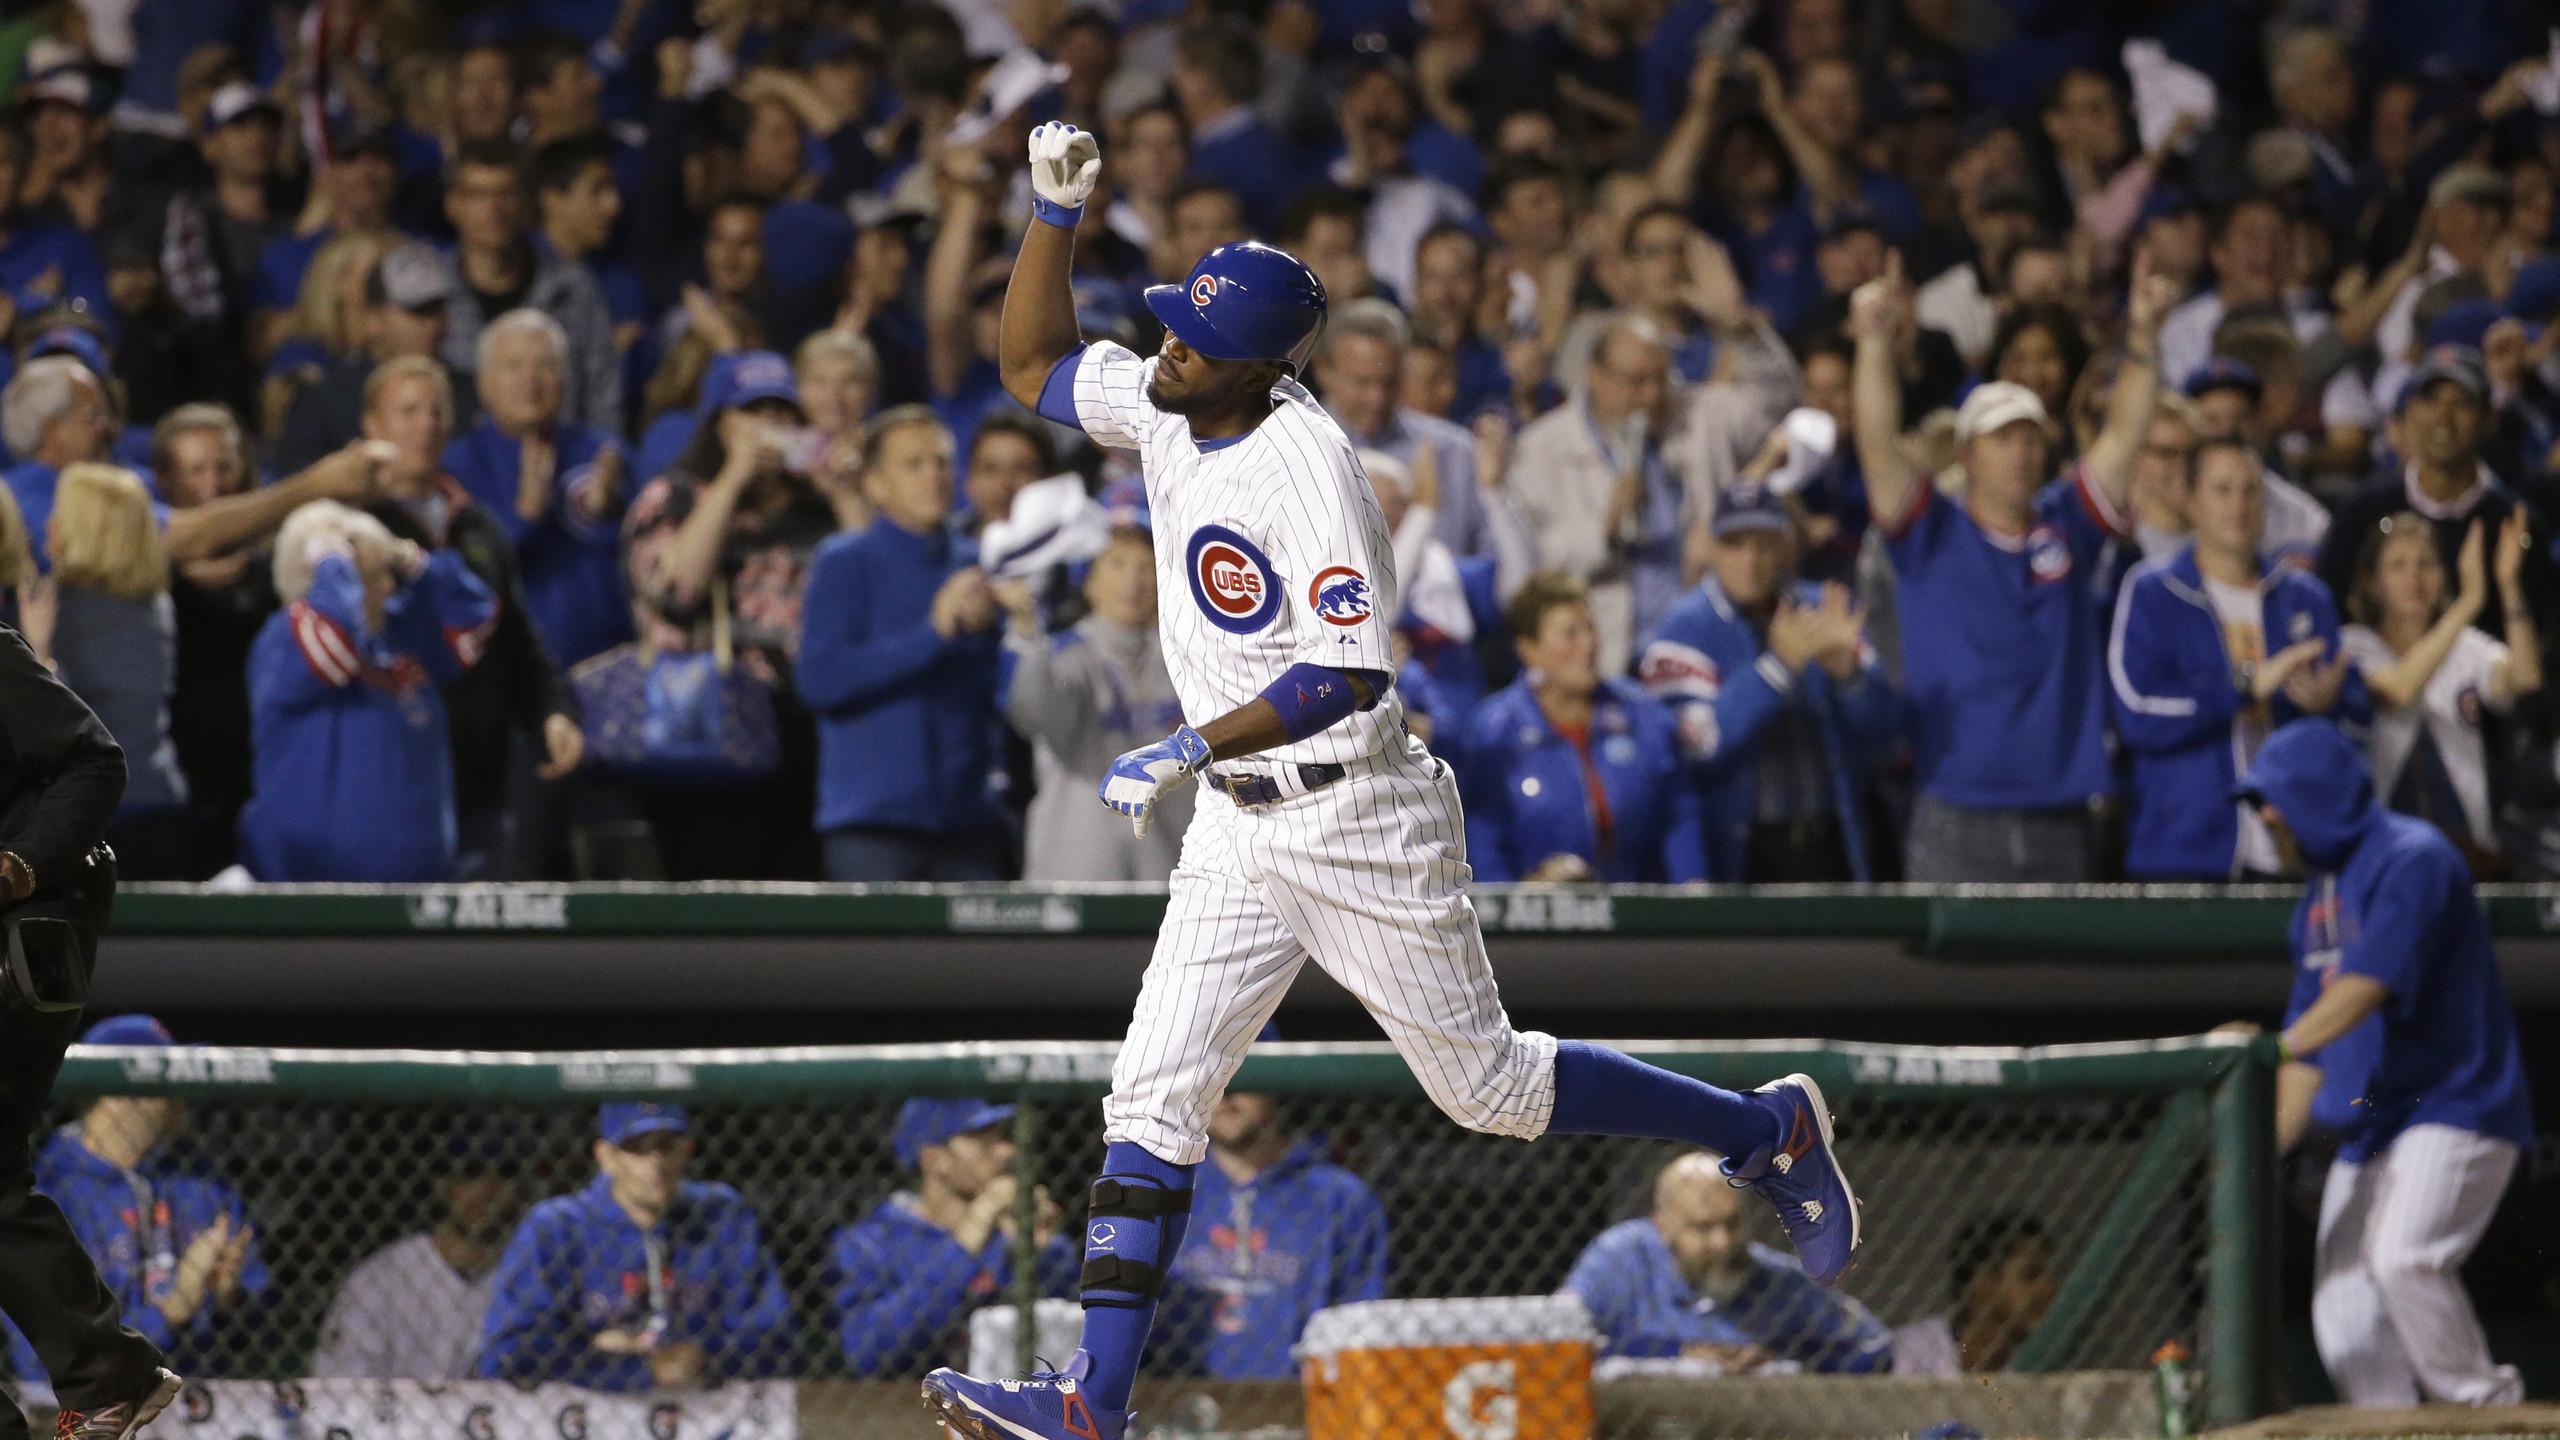 Chicago Cubs, Mlb, Dexter Fowler, Sports, Chicago Cubs Dexter Fowler,  Baseball